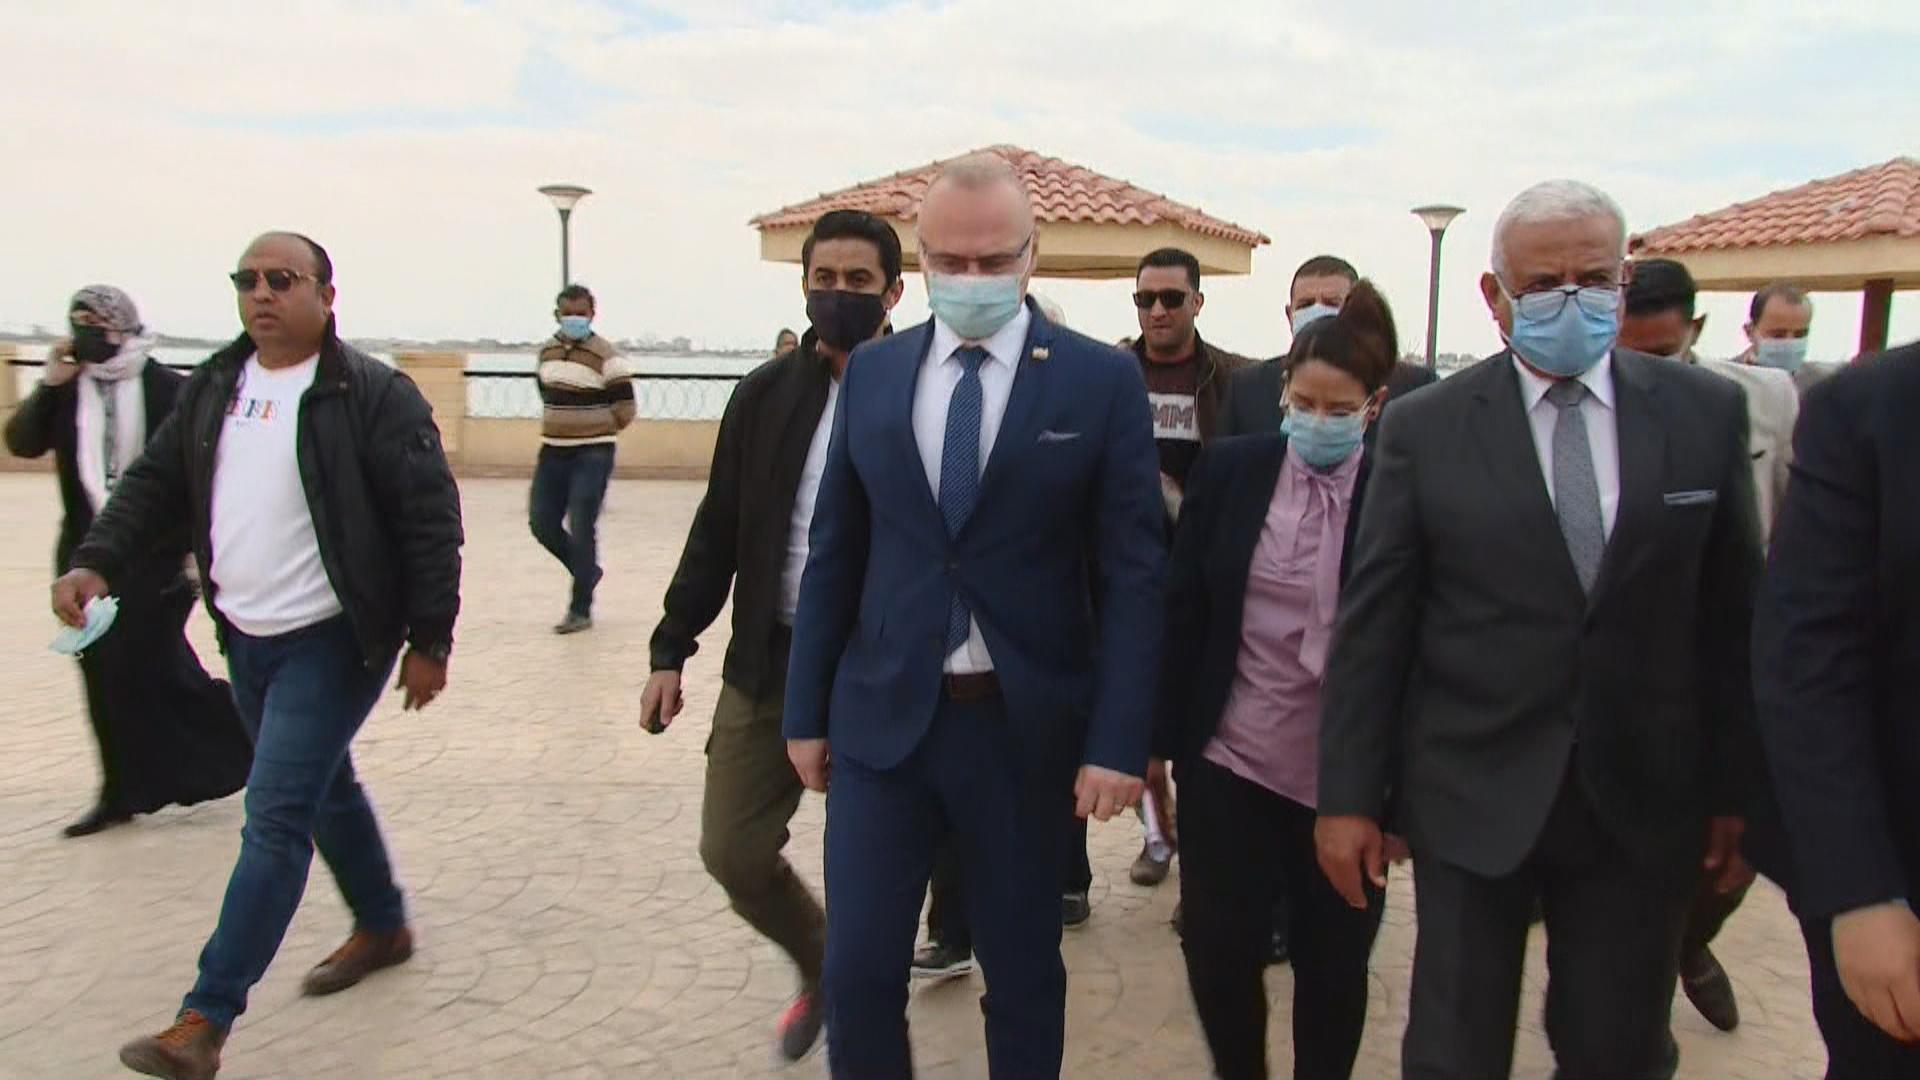 Κροατία: Επίσημη επίσκεψη Grlić Radman στην Αίγυπτο